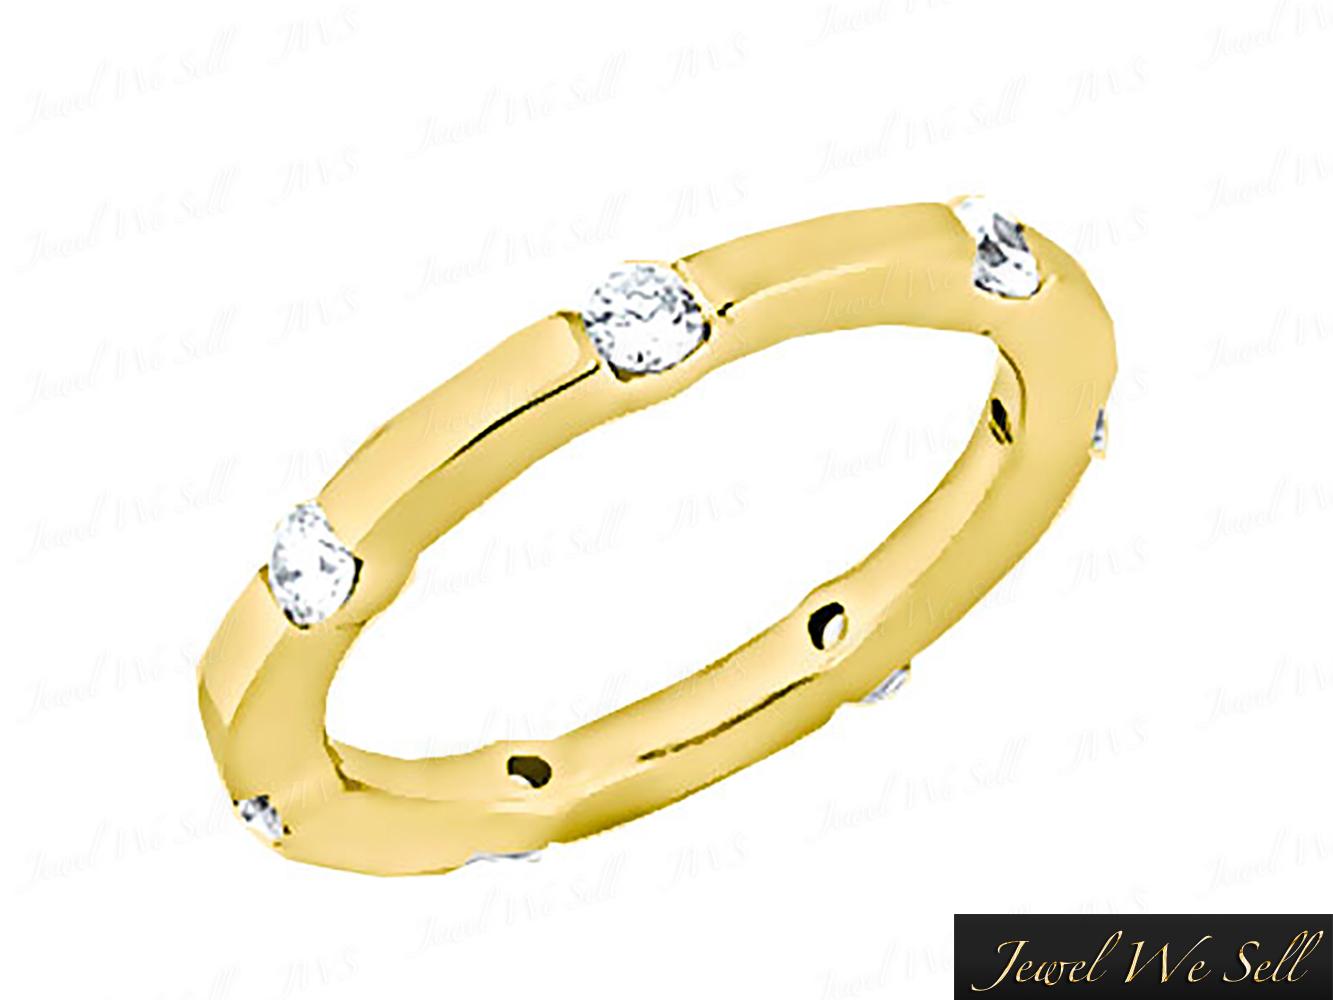 Natural-50-Quilates-Diamante-Brillante-Redondo-Anillo-Eternidad-Alianza-14K-Oro miniatura 8